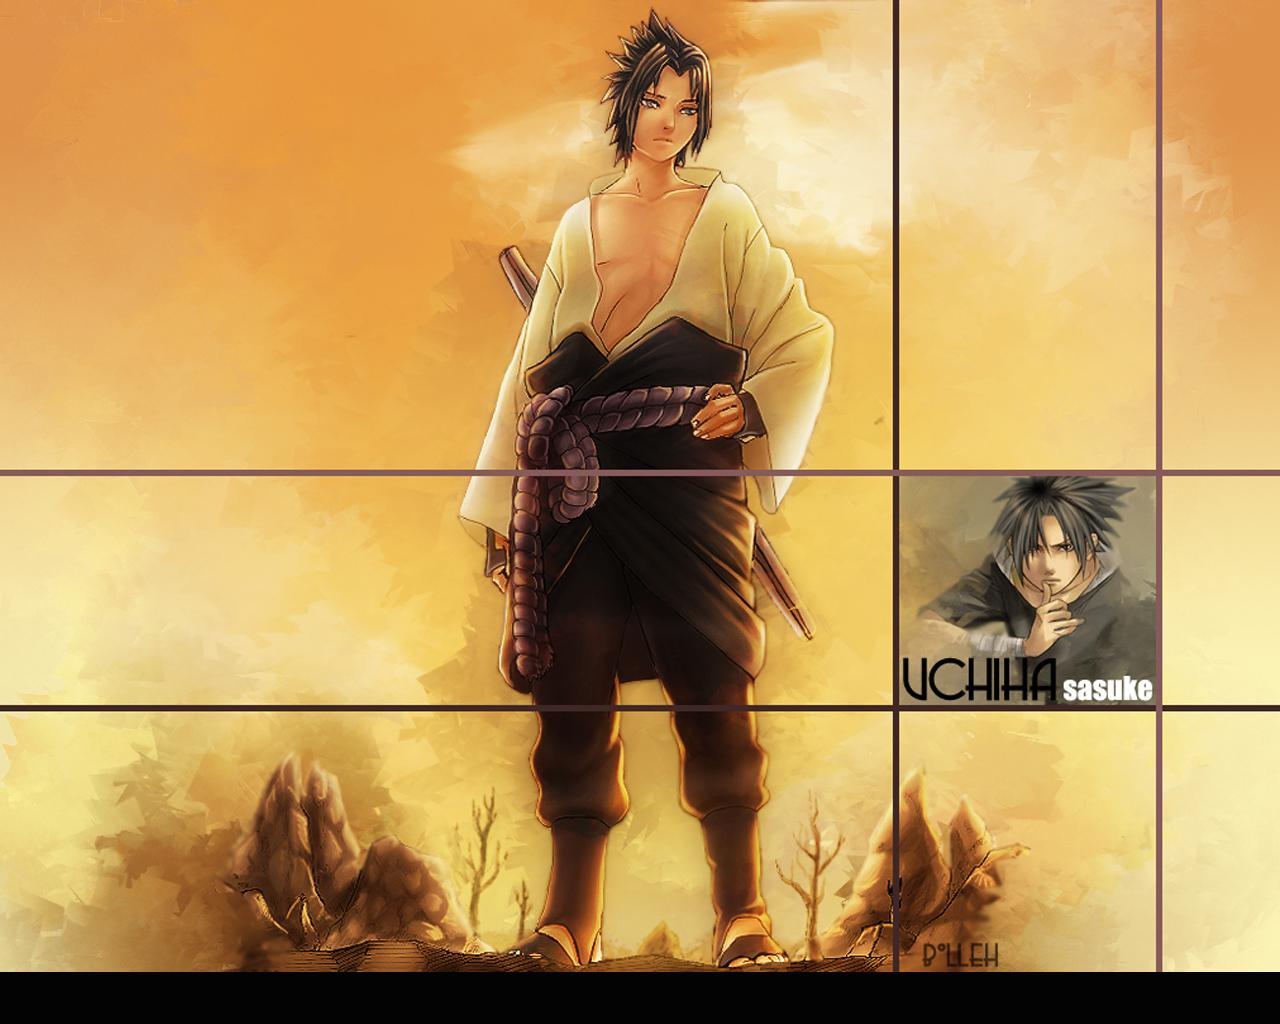 http://2.bp.blogspot.com/-Rgou-HrjV_c/Tc3BUUKr9mI/AAAAAAAAAJ0/KcOIR_H9AoY/s1600/Uchiha_Sasuke_Wallpaper-740502.jpeg